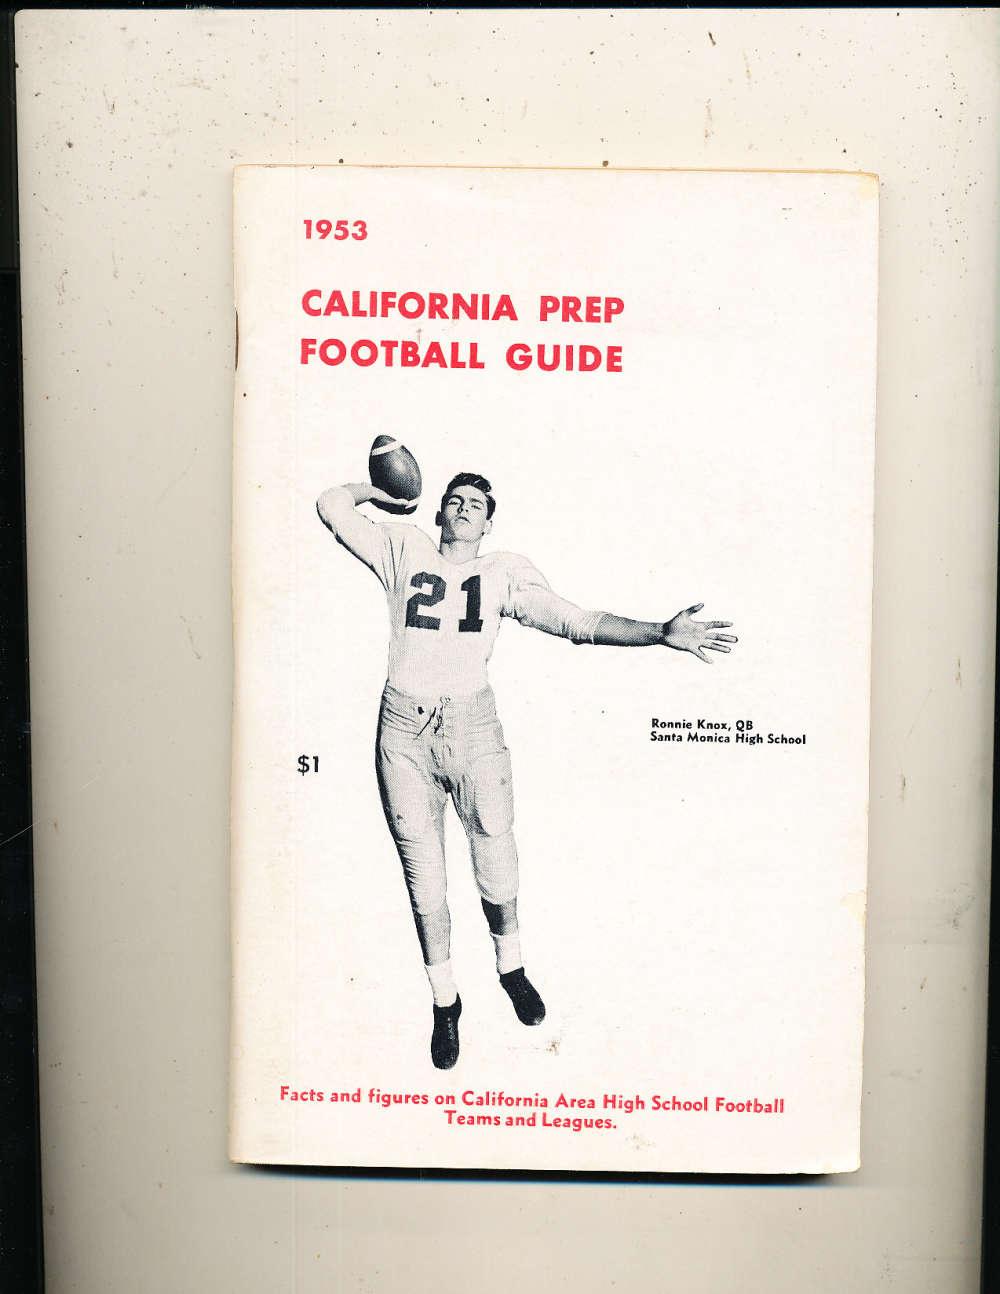 1953 California Prep Football Guide Ronnie Knox QB Santa Monica